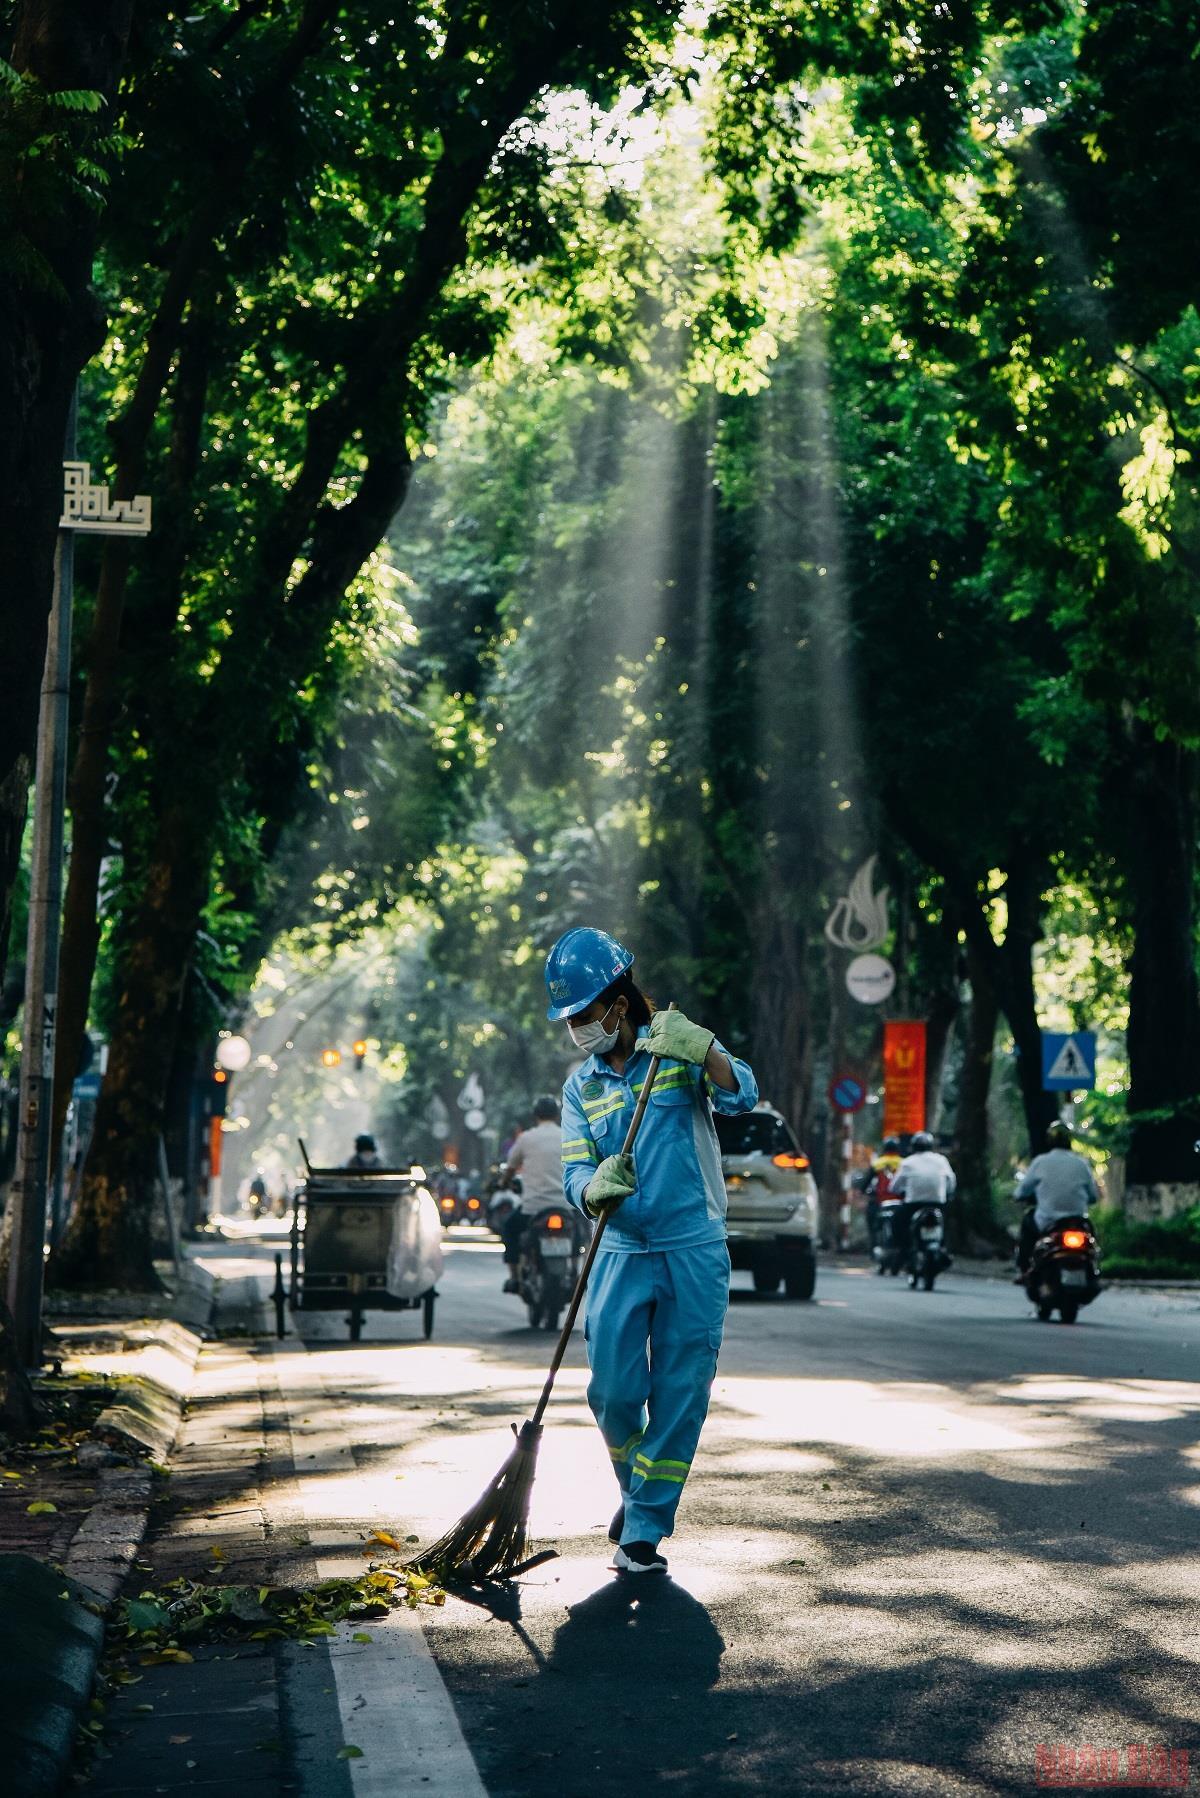 Hà Nội đón nắng sớm trong lành sau những ngày mưa -0